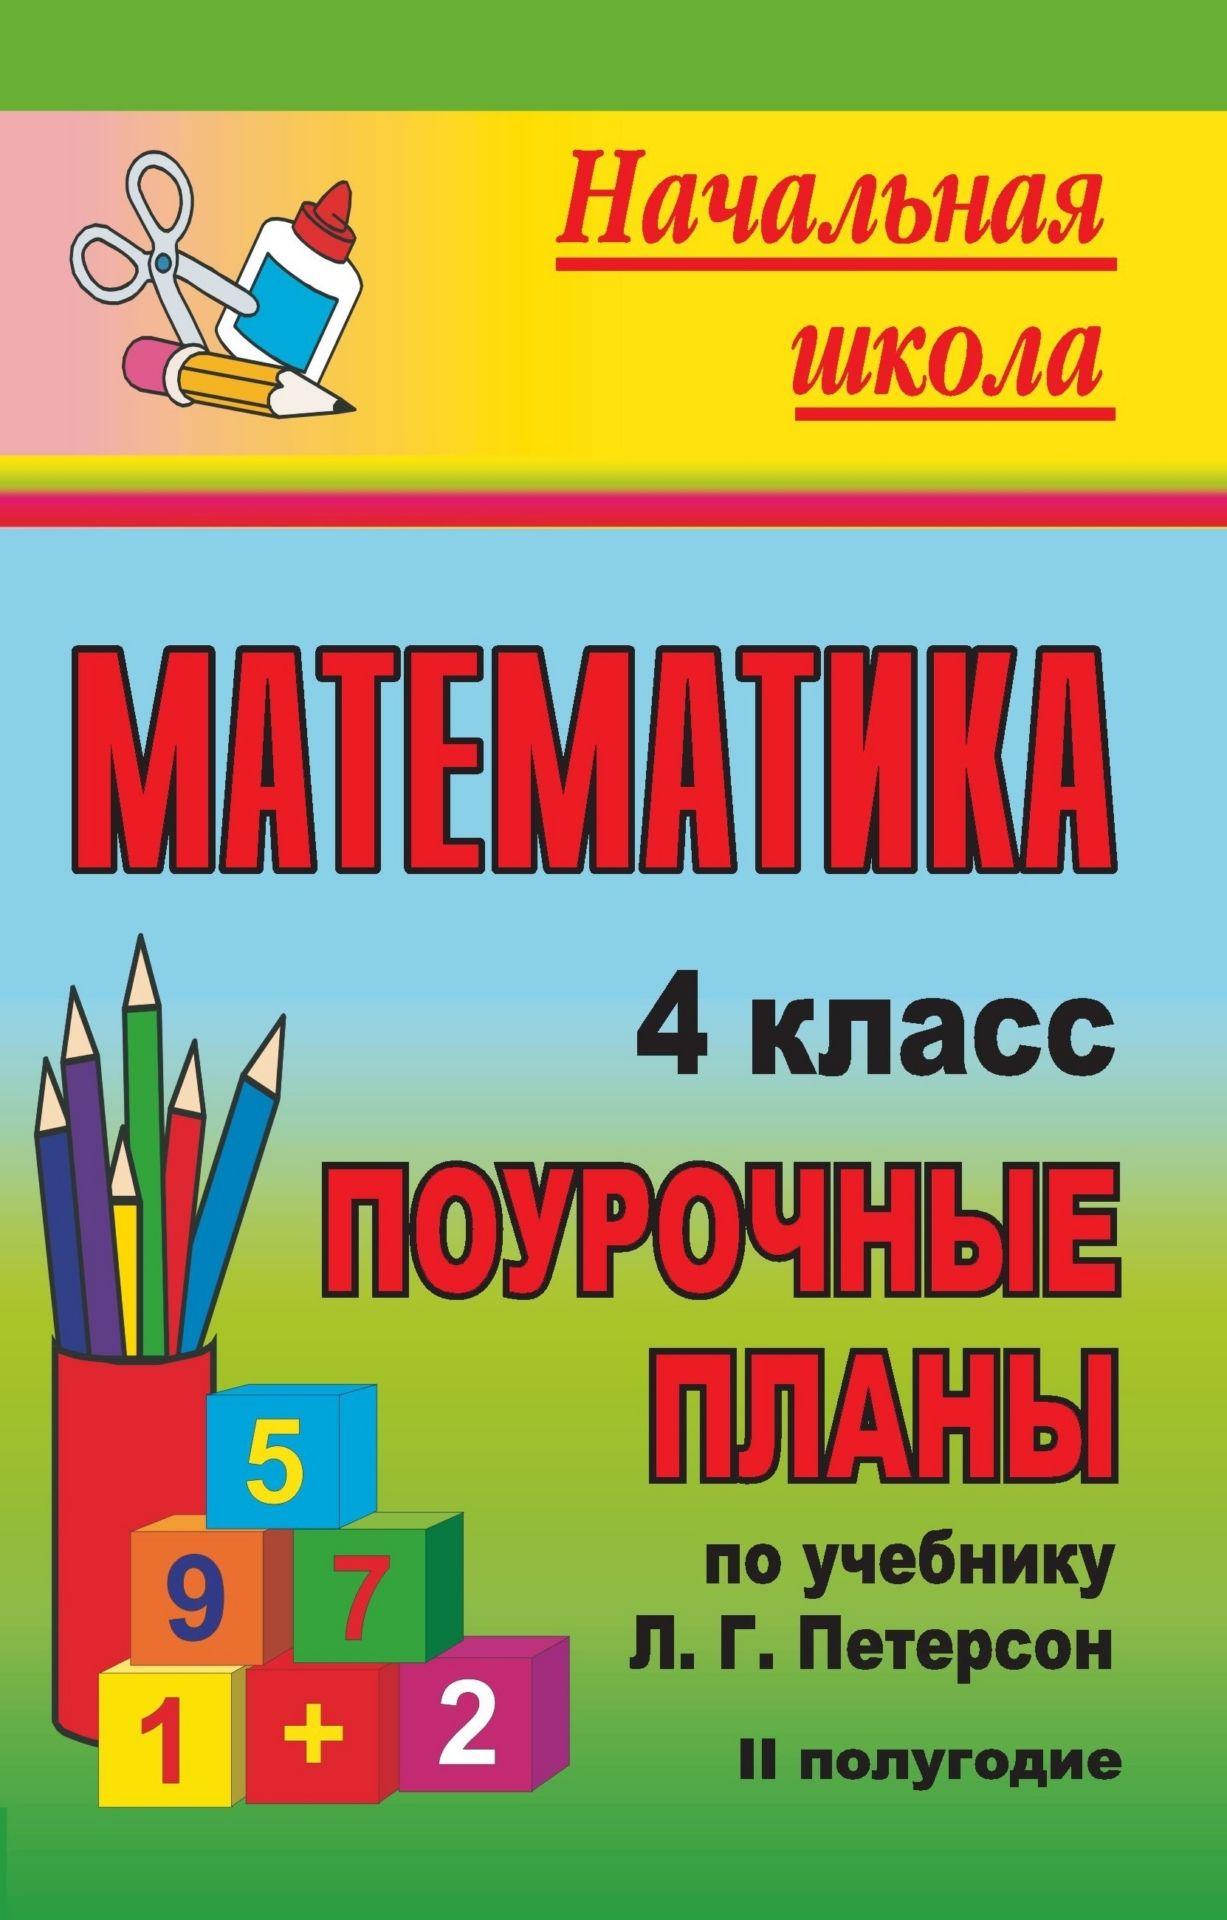 Математика. 4 класс: поурочные планы по учебнику Л. Г. Петерсон. II полугодиеПредметы<br>В пособии представлены поурочные разработки, составленные в соответствии с учебником-тетрадью Математика для 4 класса (М.: Ювента, 2007), утвержденным Министерством образования и науки по образовательной системе Школа 2100.Пособие поможет учителям нач...<br><br>Авторы: Бут Т. В.<br>Год: 2009<br>Серия: Начальная школа<br>ISBN: 978-5-7057-2009-5<br>Высота: 215<br>Ширина: 140<br>Толщина: 11<br>Переплёт: мягкая, склейка